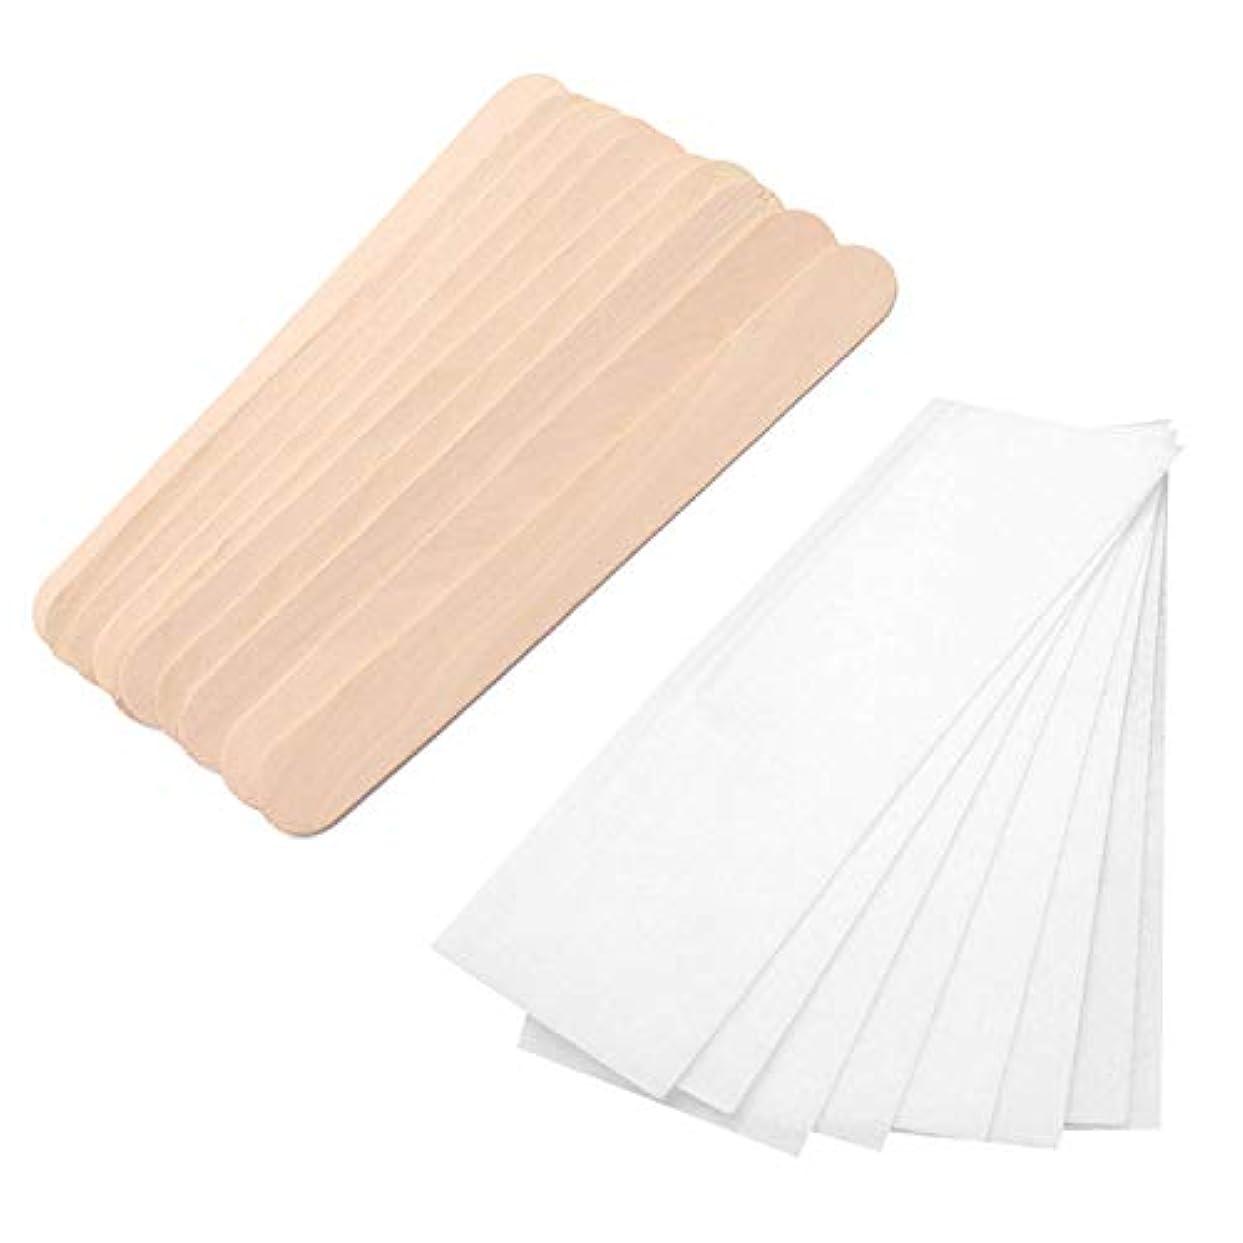 マーケティング遡る連結するMigavann 100個木製ワックススティック 使い捨て木製ワックススティックへらアプリケーター 100個不織ワックスストリップ脱毛紙